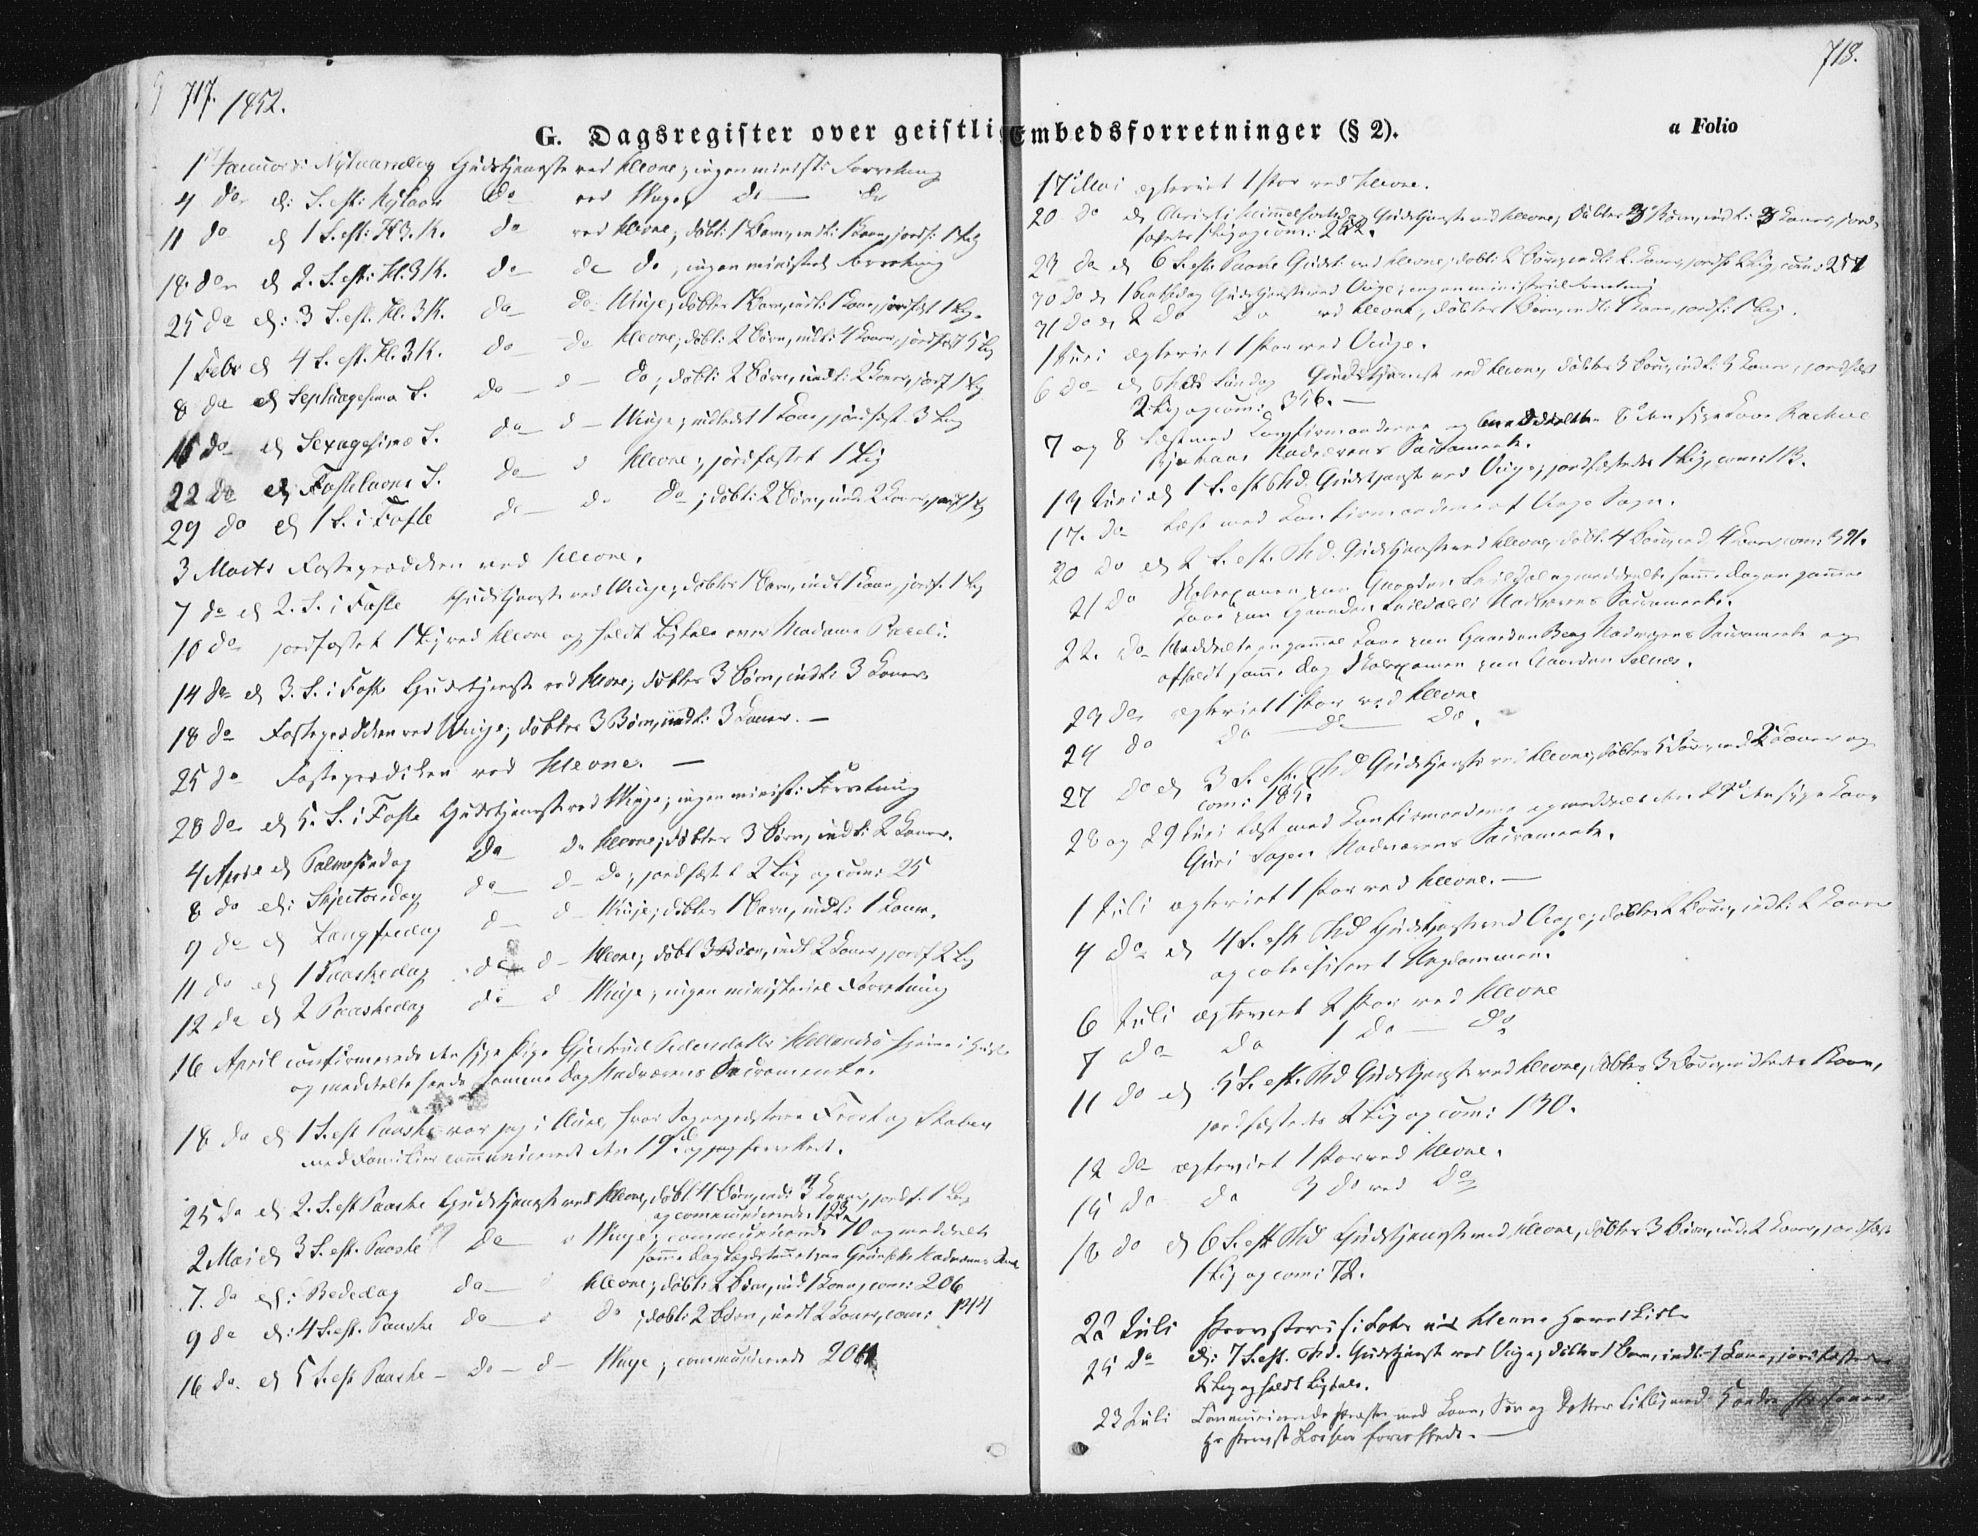 SAT, Ministerialprotokoller, klokkerbøker og fødselsregistre - Sør-Trøndelag, 630/L0494: Ministerialbok nr. 630A07, 1852-1868, s. 717-718